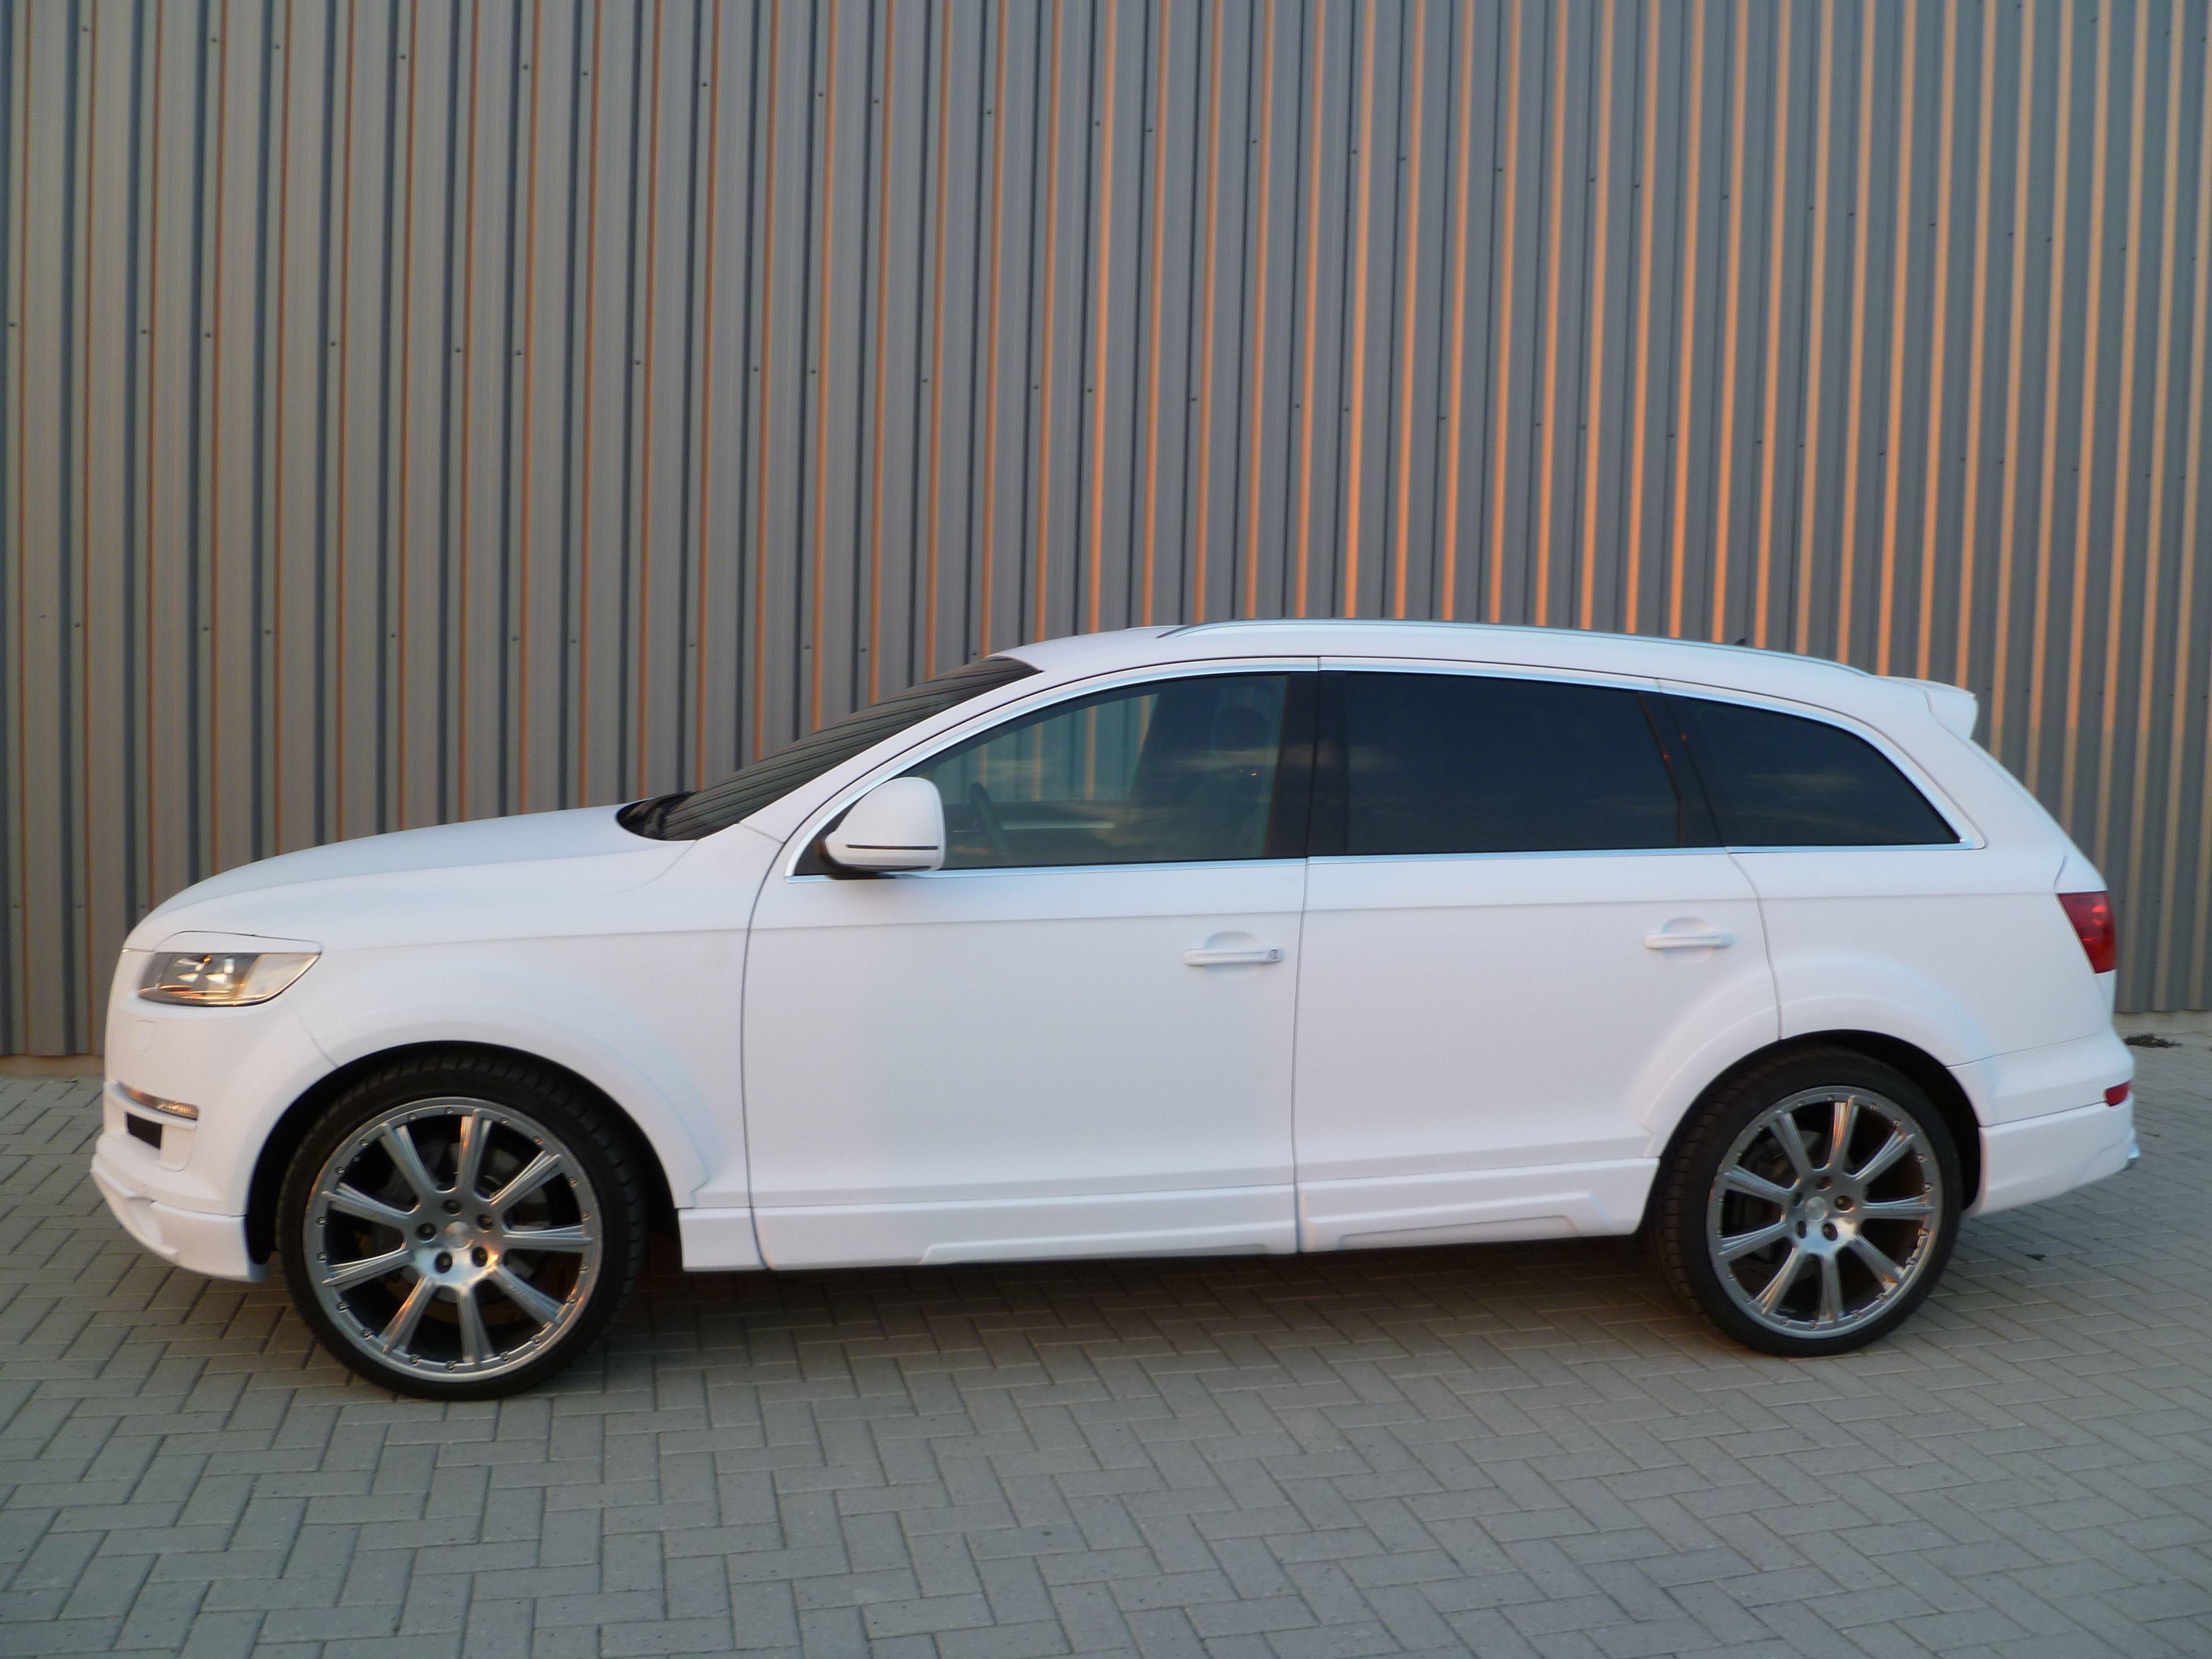 Audi Q7 met Mat Witte Wrap, Carwrapping door Wrapmyride.nu Foto-nr:5038, ©2021